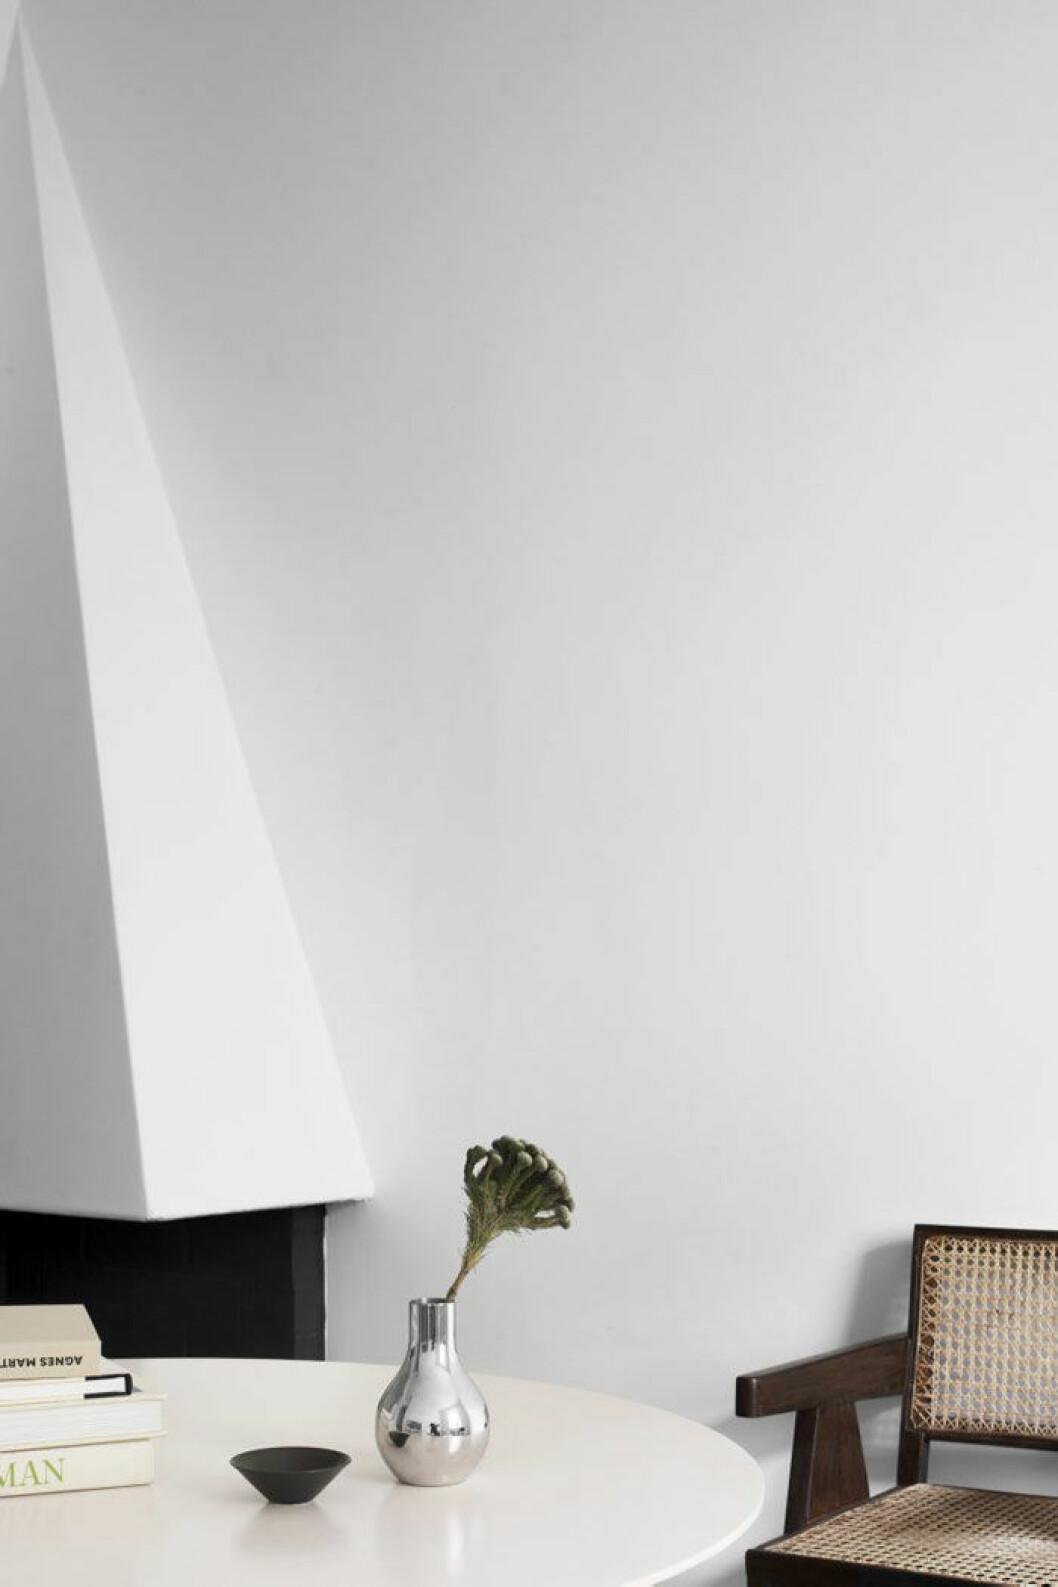 Matbord, Segmented table, design Charles och Ray Eames för Herman Miller. Skål, Carl Harry Stålhane för Rörstrand. Vas, Georg Jensen. Trästol Office chair, design Pierre Jeanneret omkring 1953.